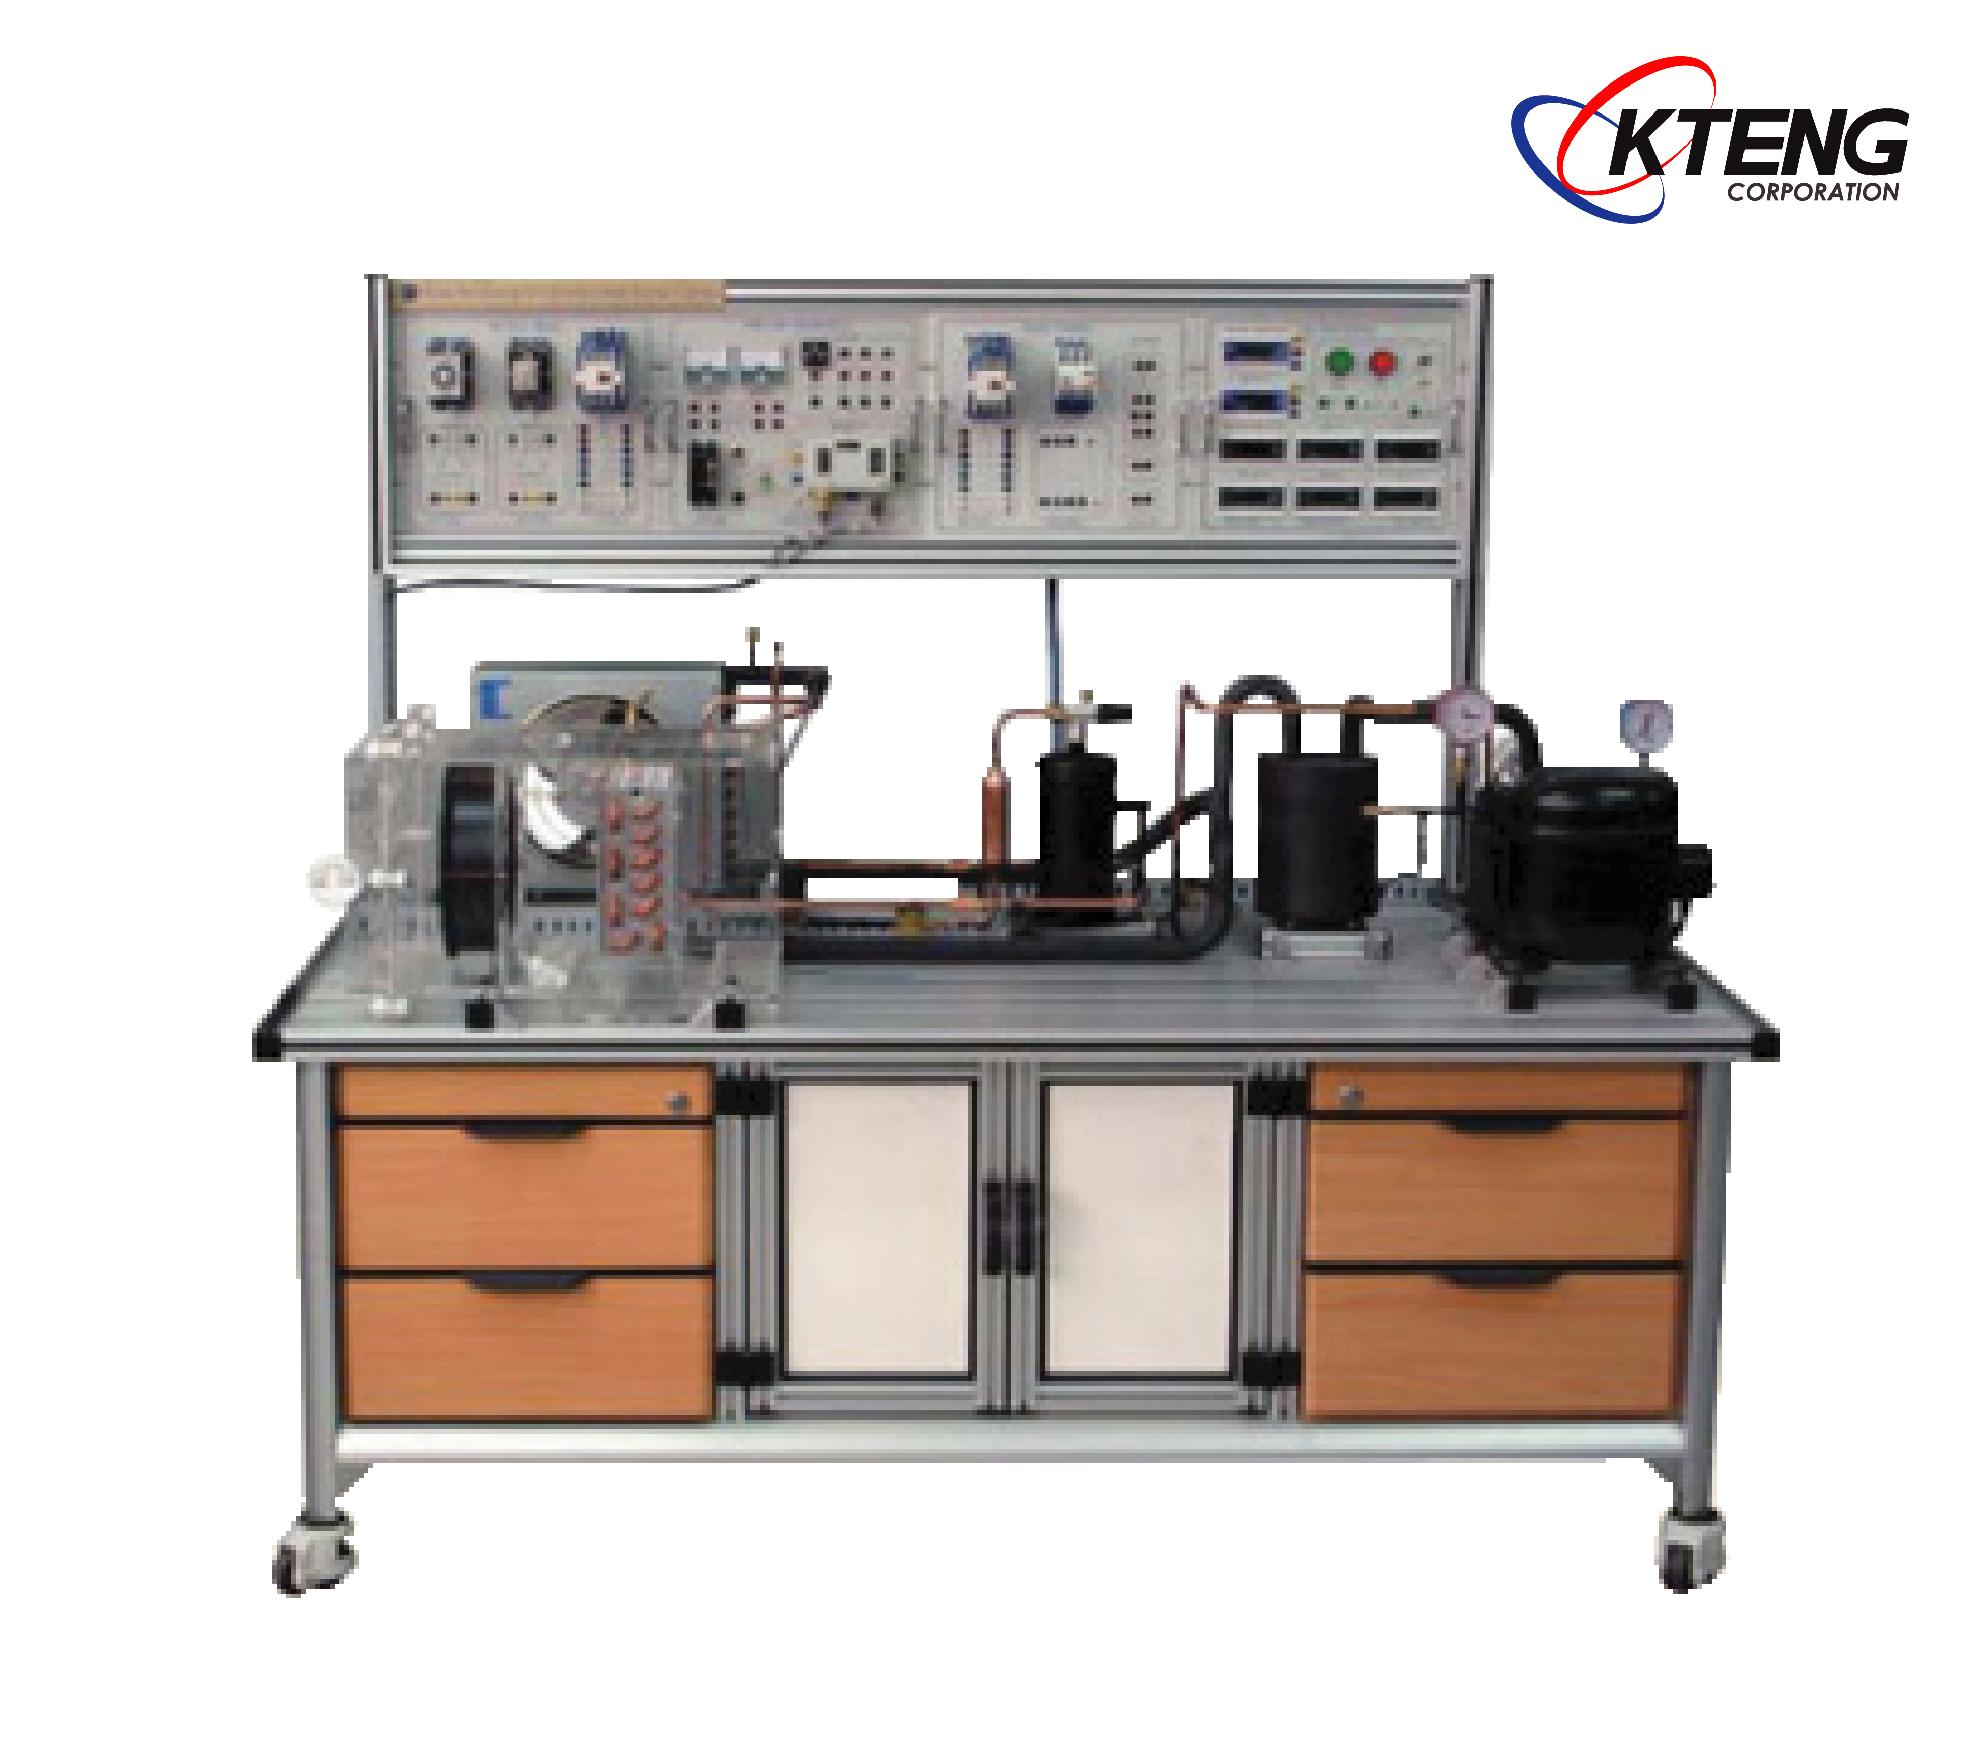 ชุดทดลองระบบทำความเย็นและความร้อน แบบ Heat pump